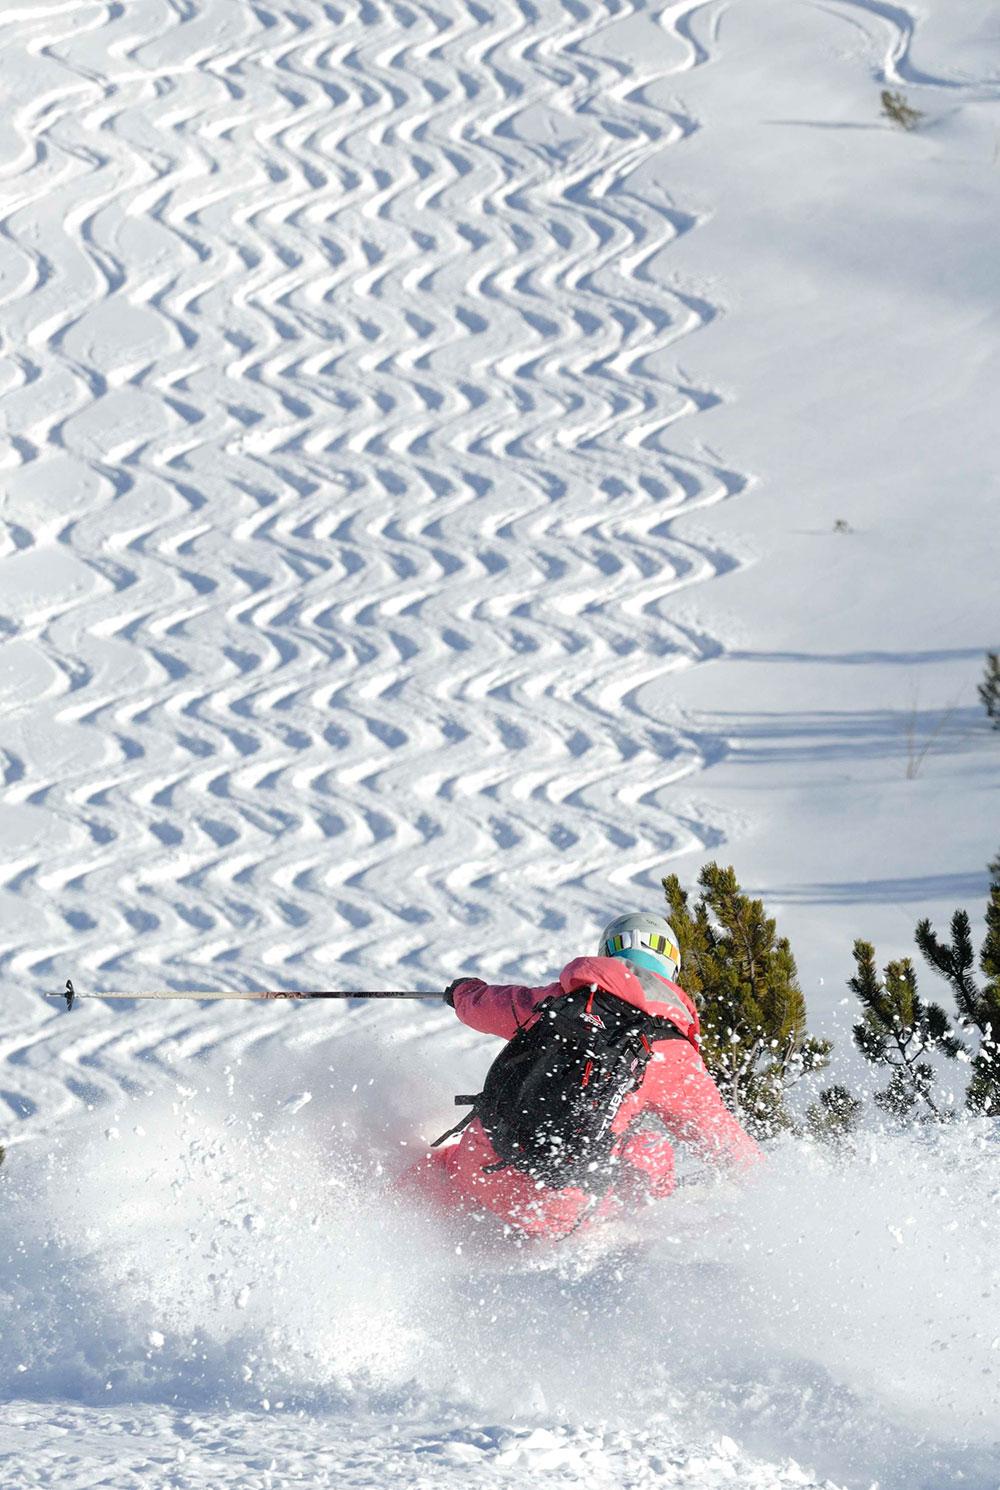 Lech+Zuers+am+Arlberg+Skifahrerin+bei+Wiesele+by+Sepp+Mallaun+%28c%29+LZTG.jpg